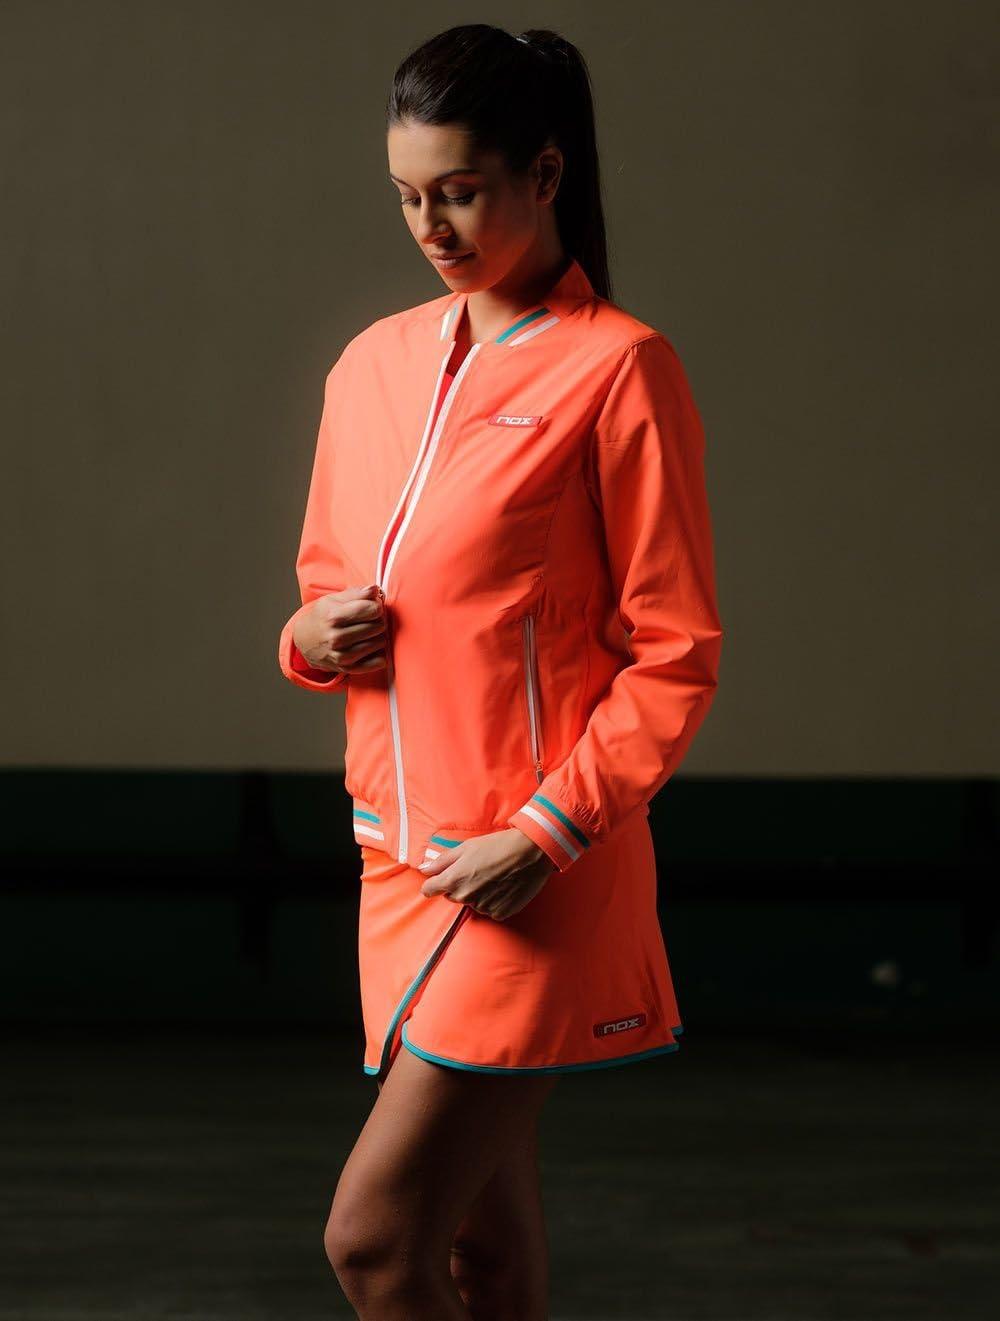 NOX Cortavientos Padel Neon Coral Woman